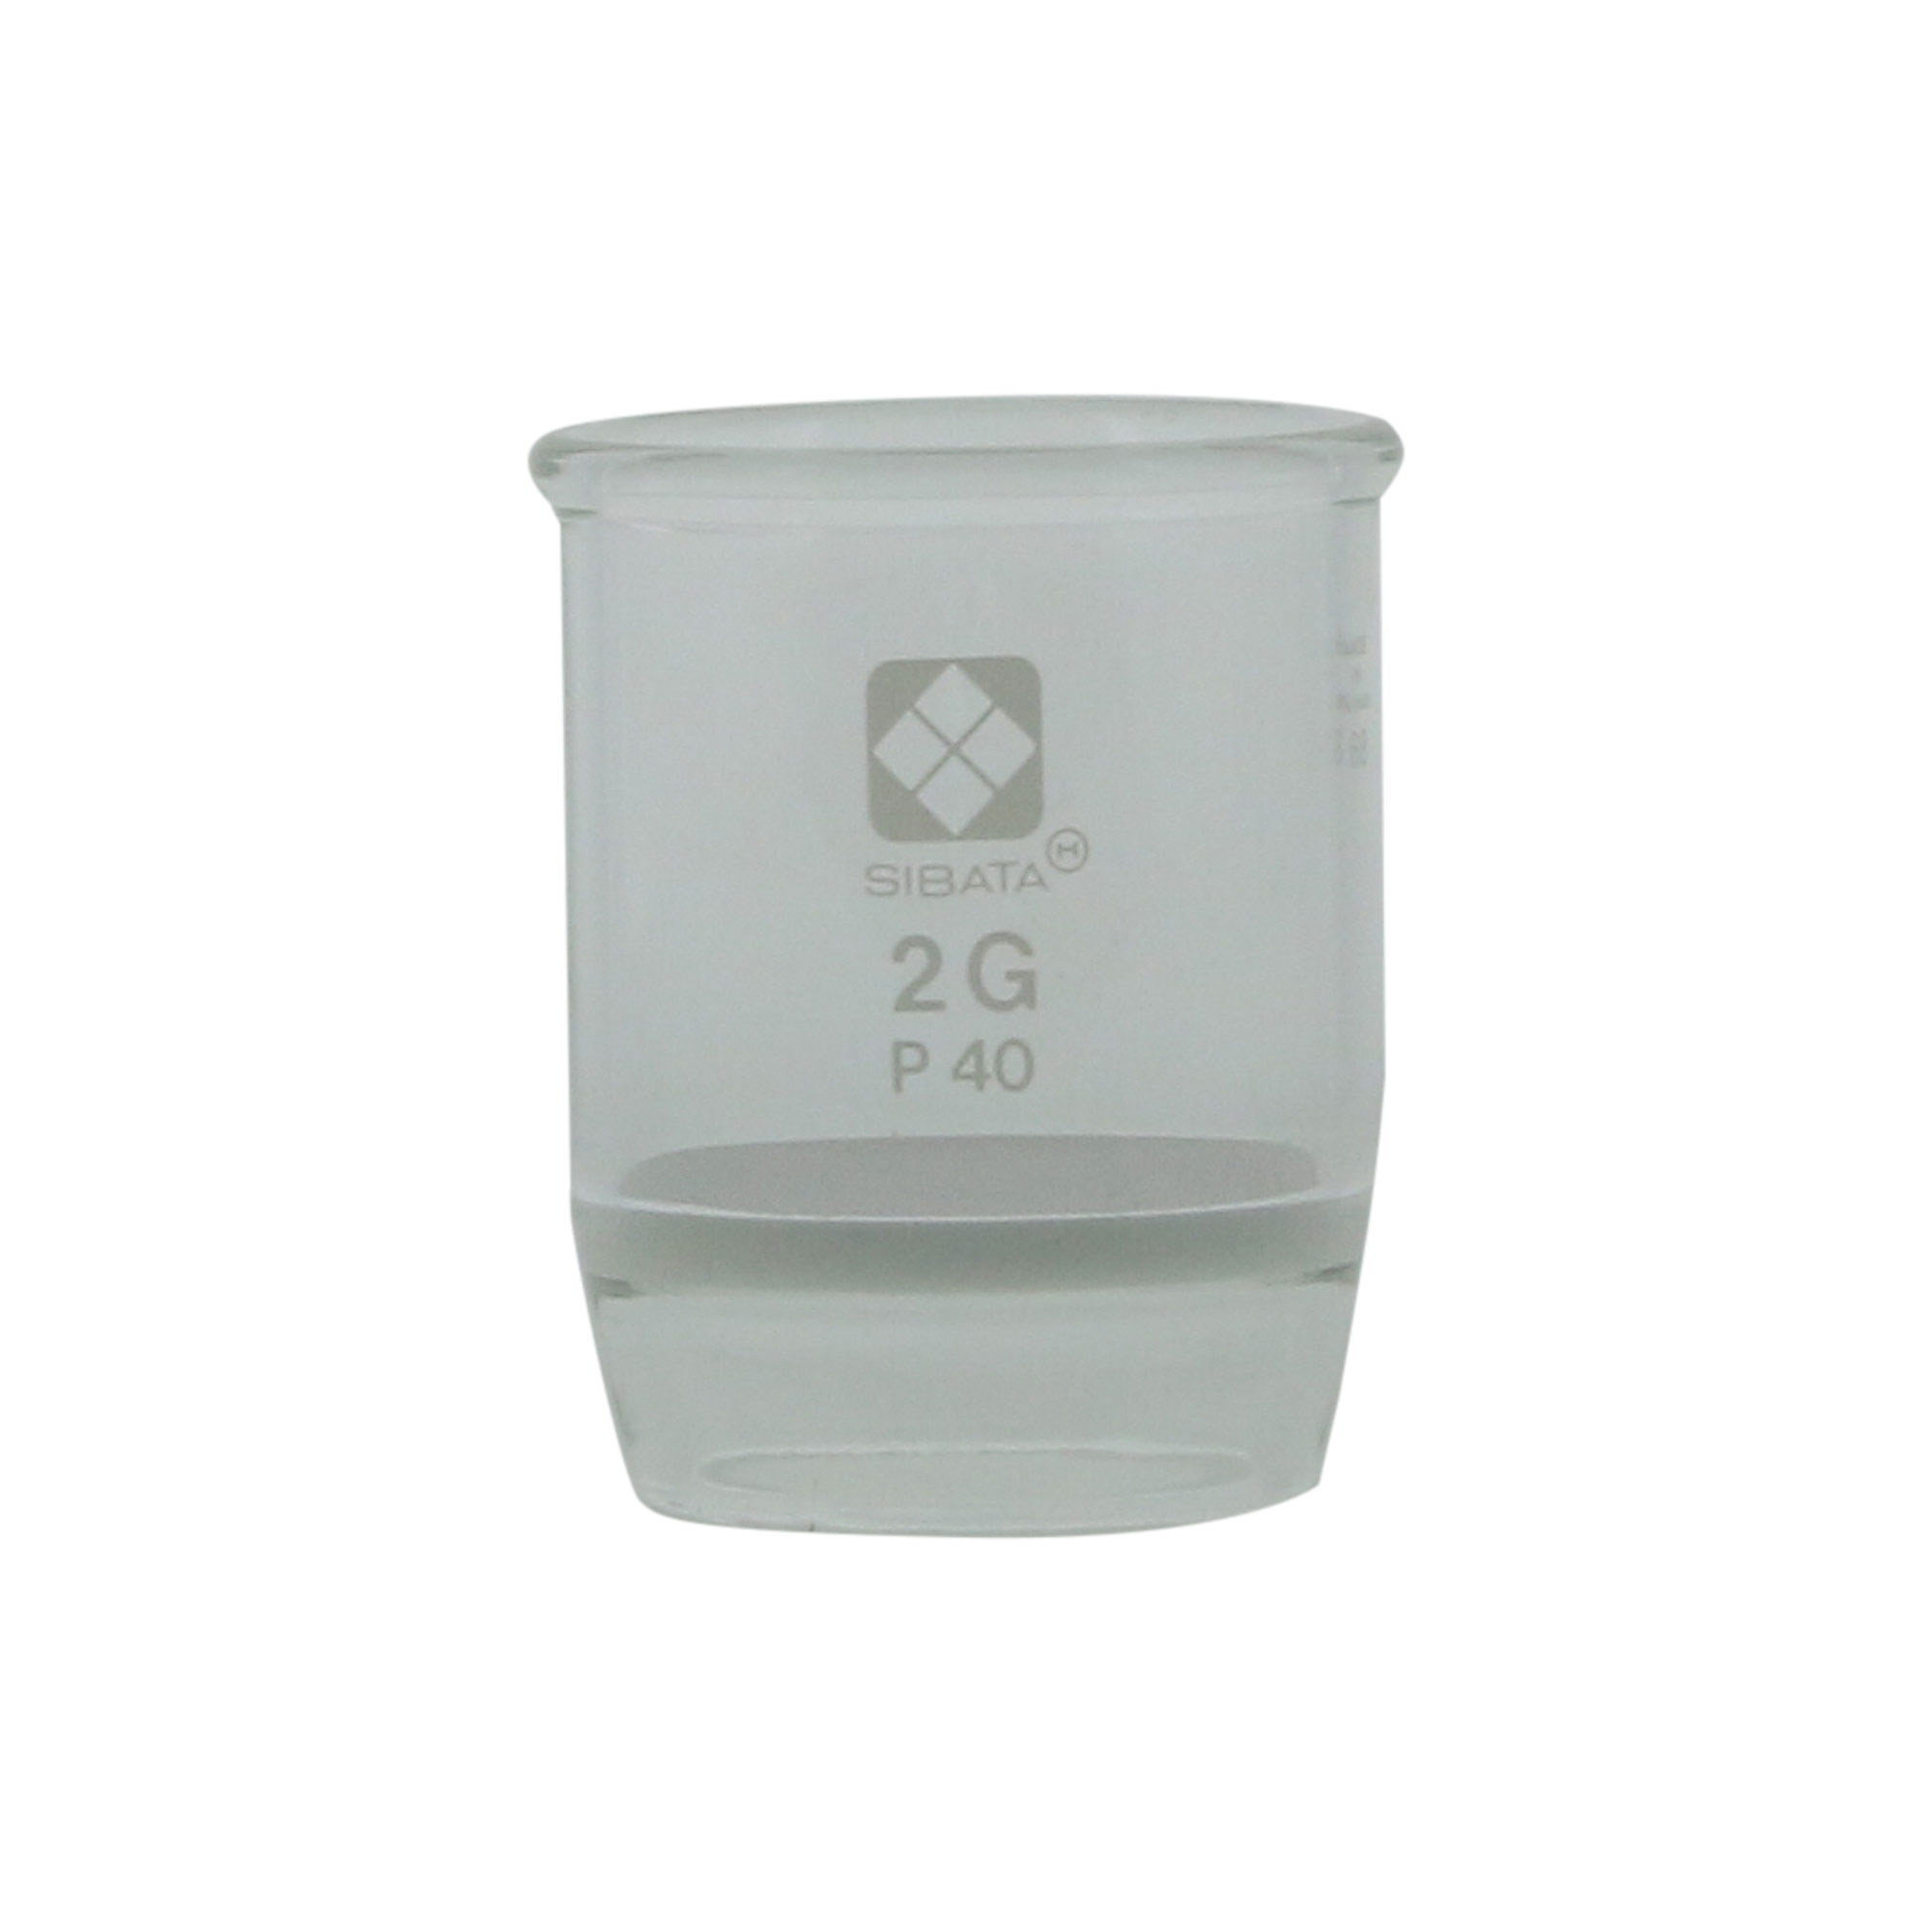 013050-240A ガラスろ過器 2G るつぼ形 2GP40(3個) 柴田科学(SIBATA)